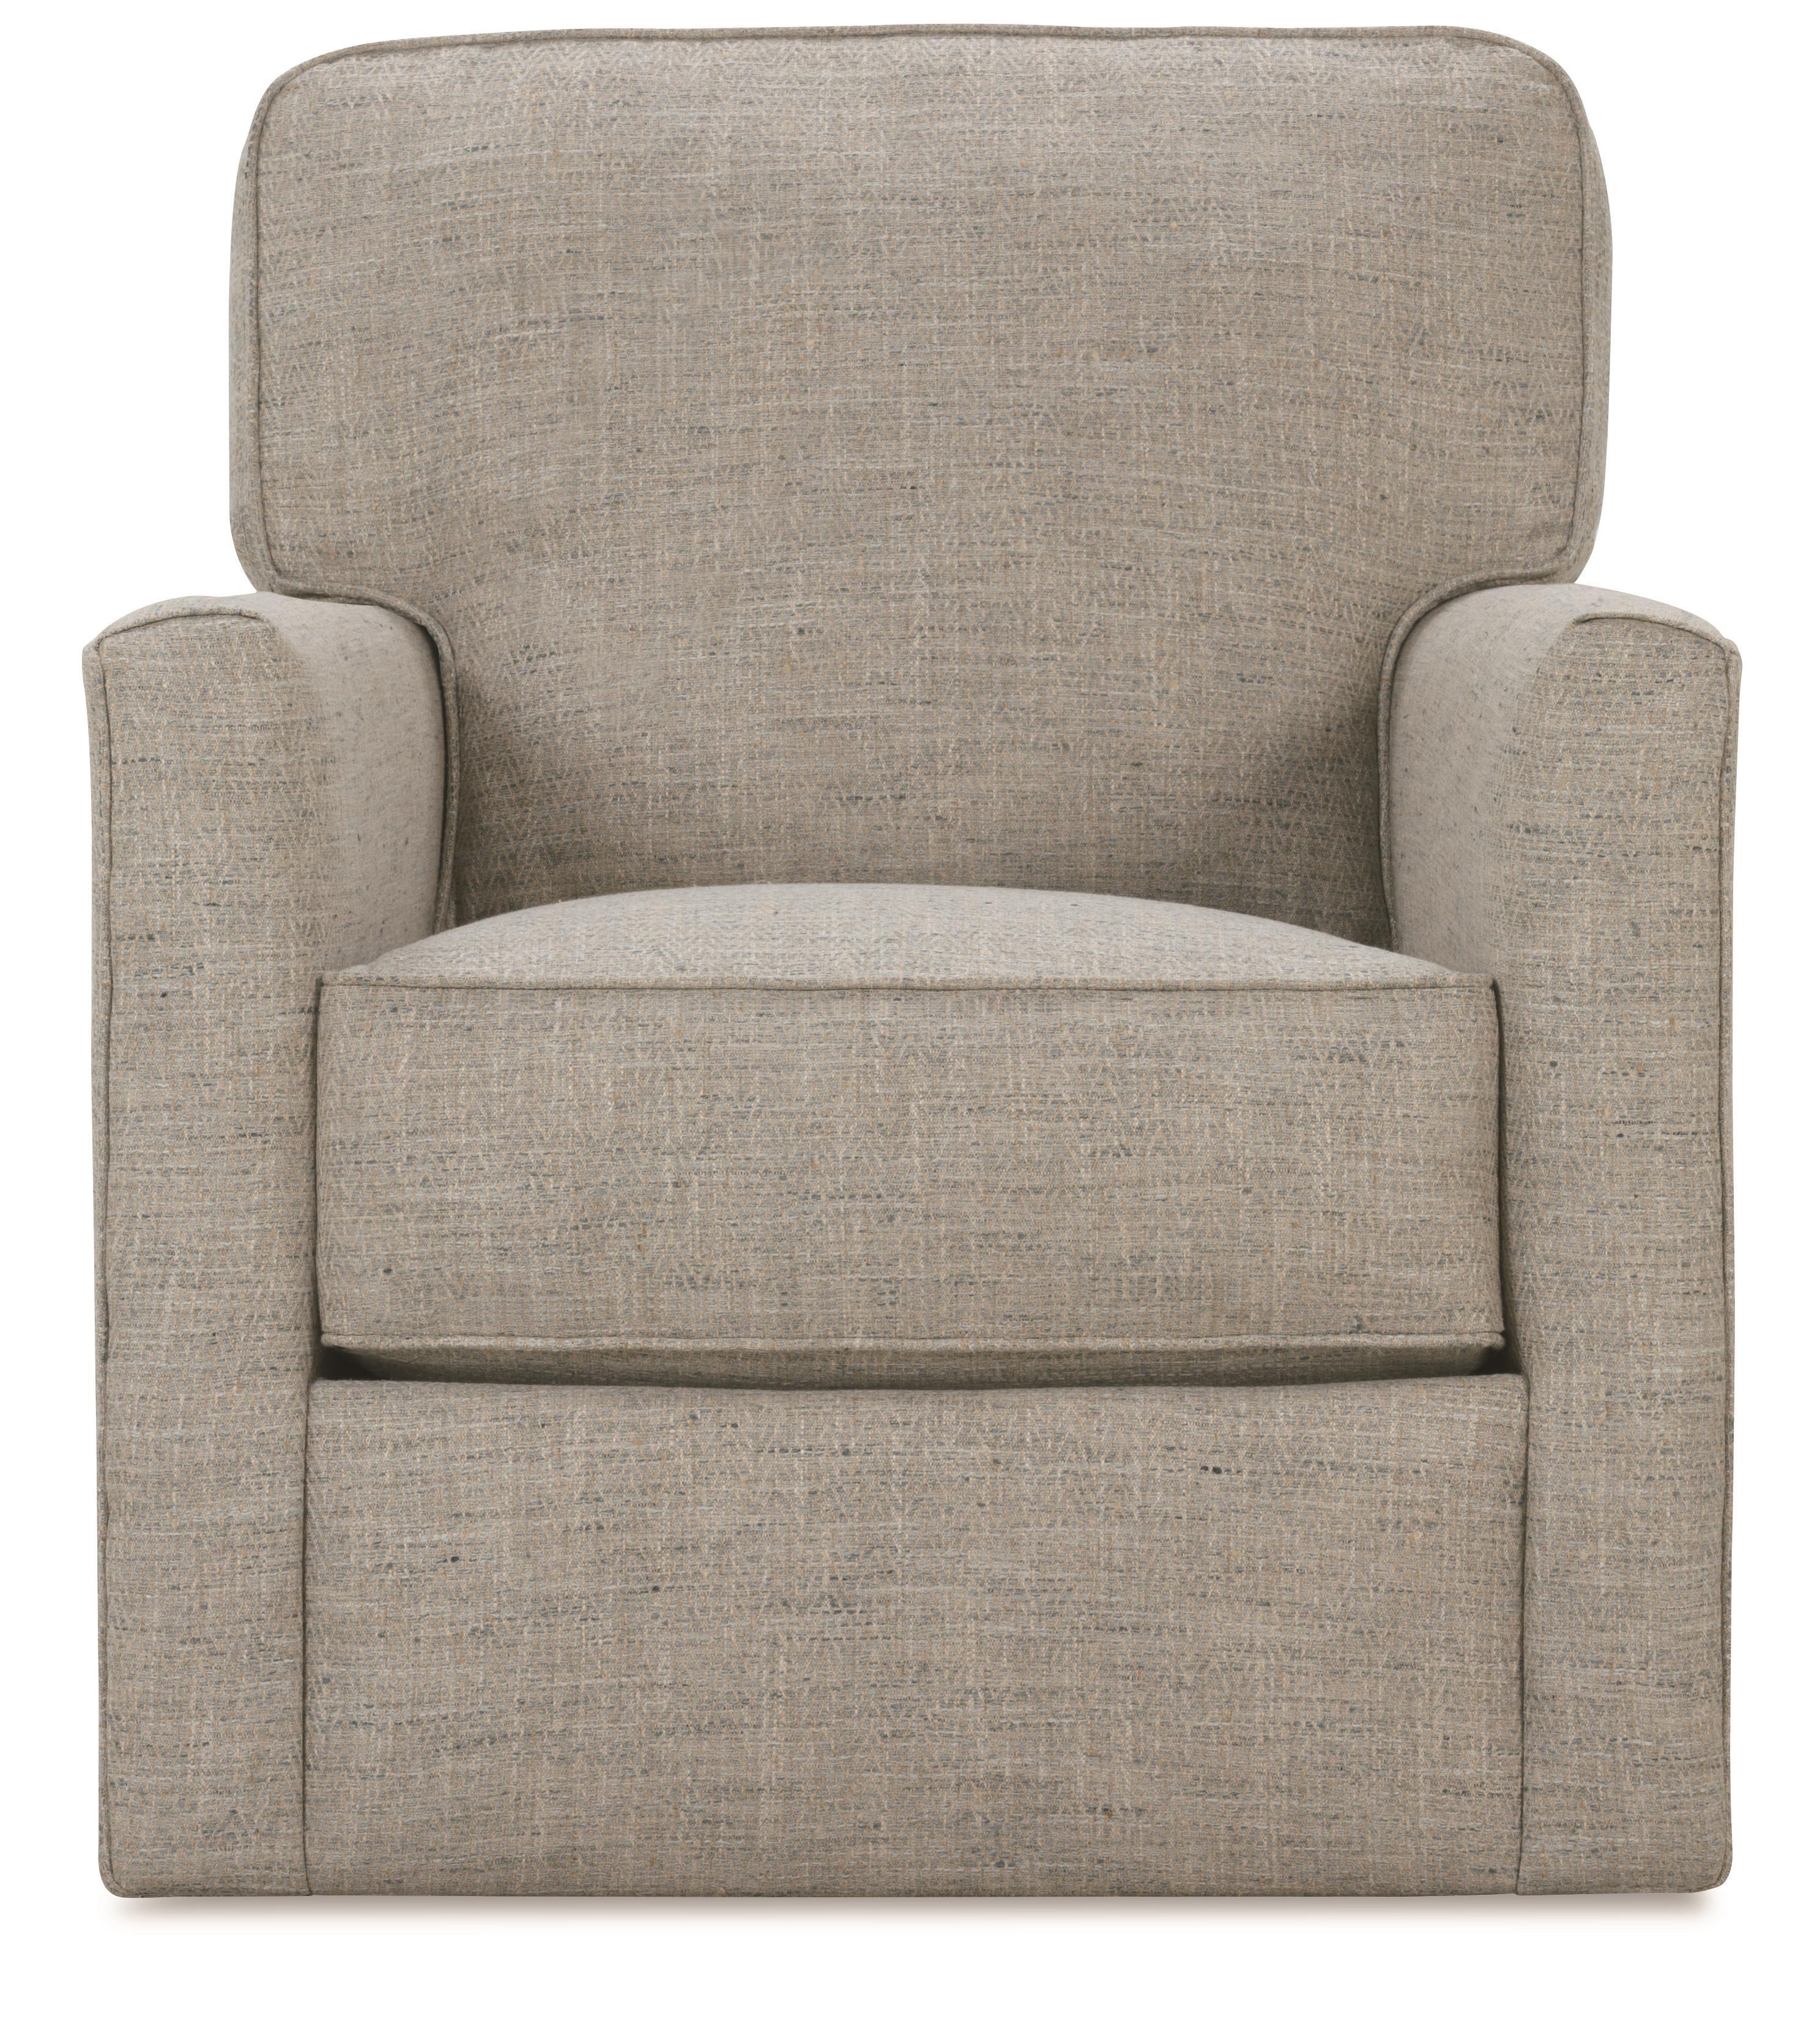 Rowe Evan Chair - Item Number: P340-016-25766-34